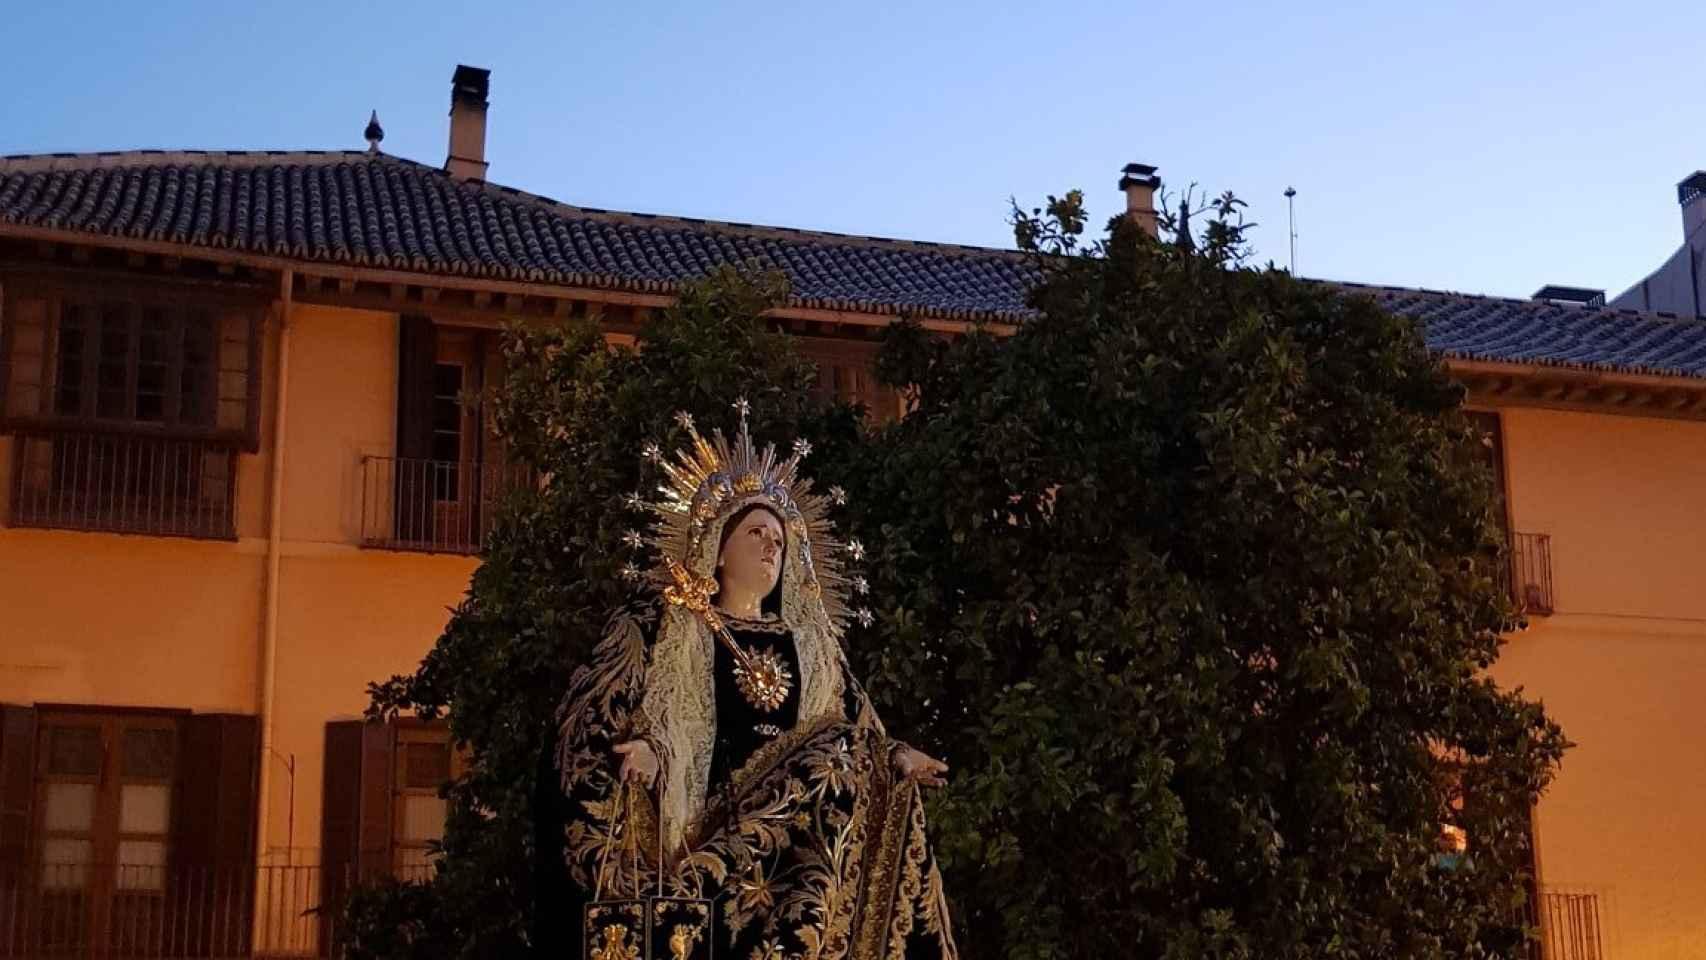 Madrugada de traslados en Málaga tras meses de abstinencia: así han pasado las 13 imágenes por la Catedral